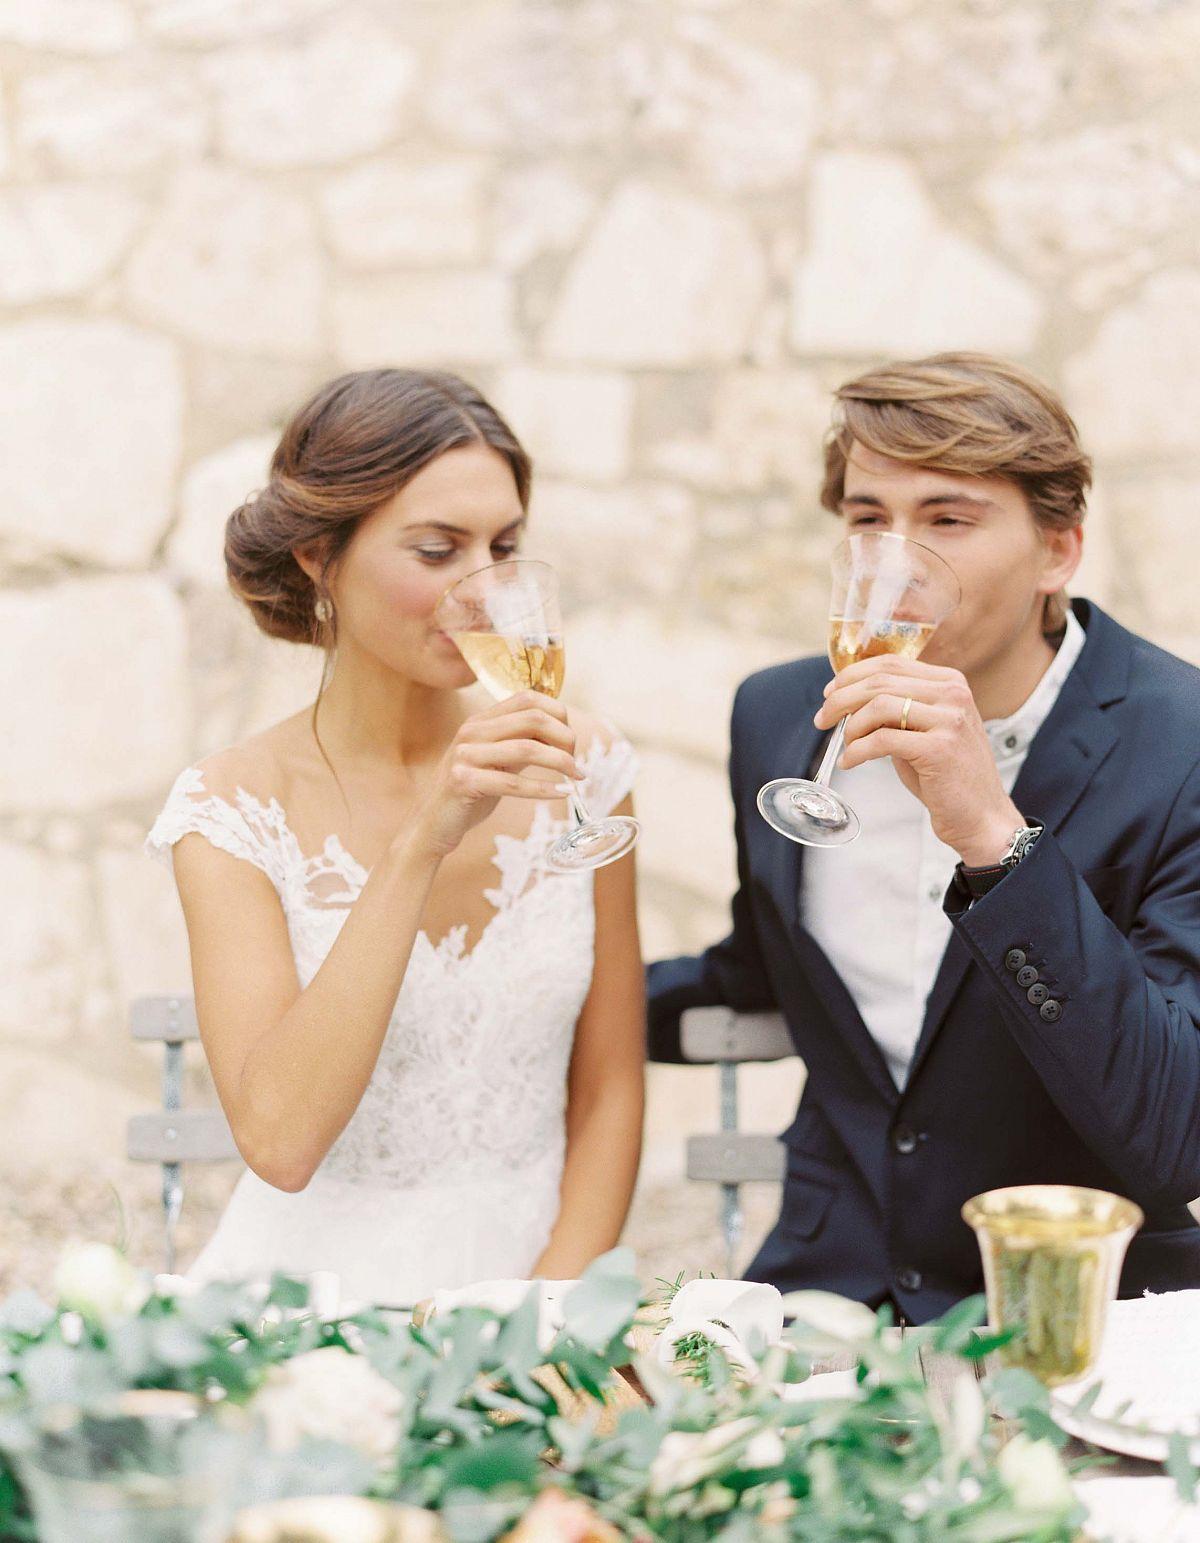 Stylish Al Fresco Wedding In Mani Bride And Groom